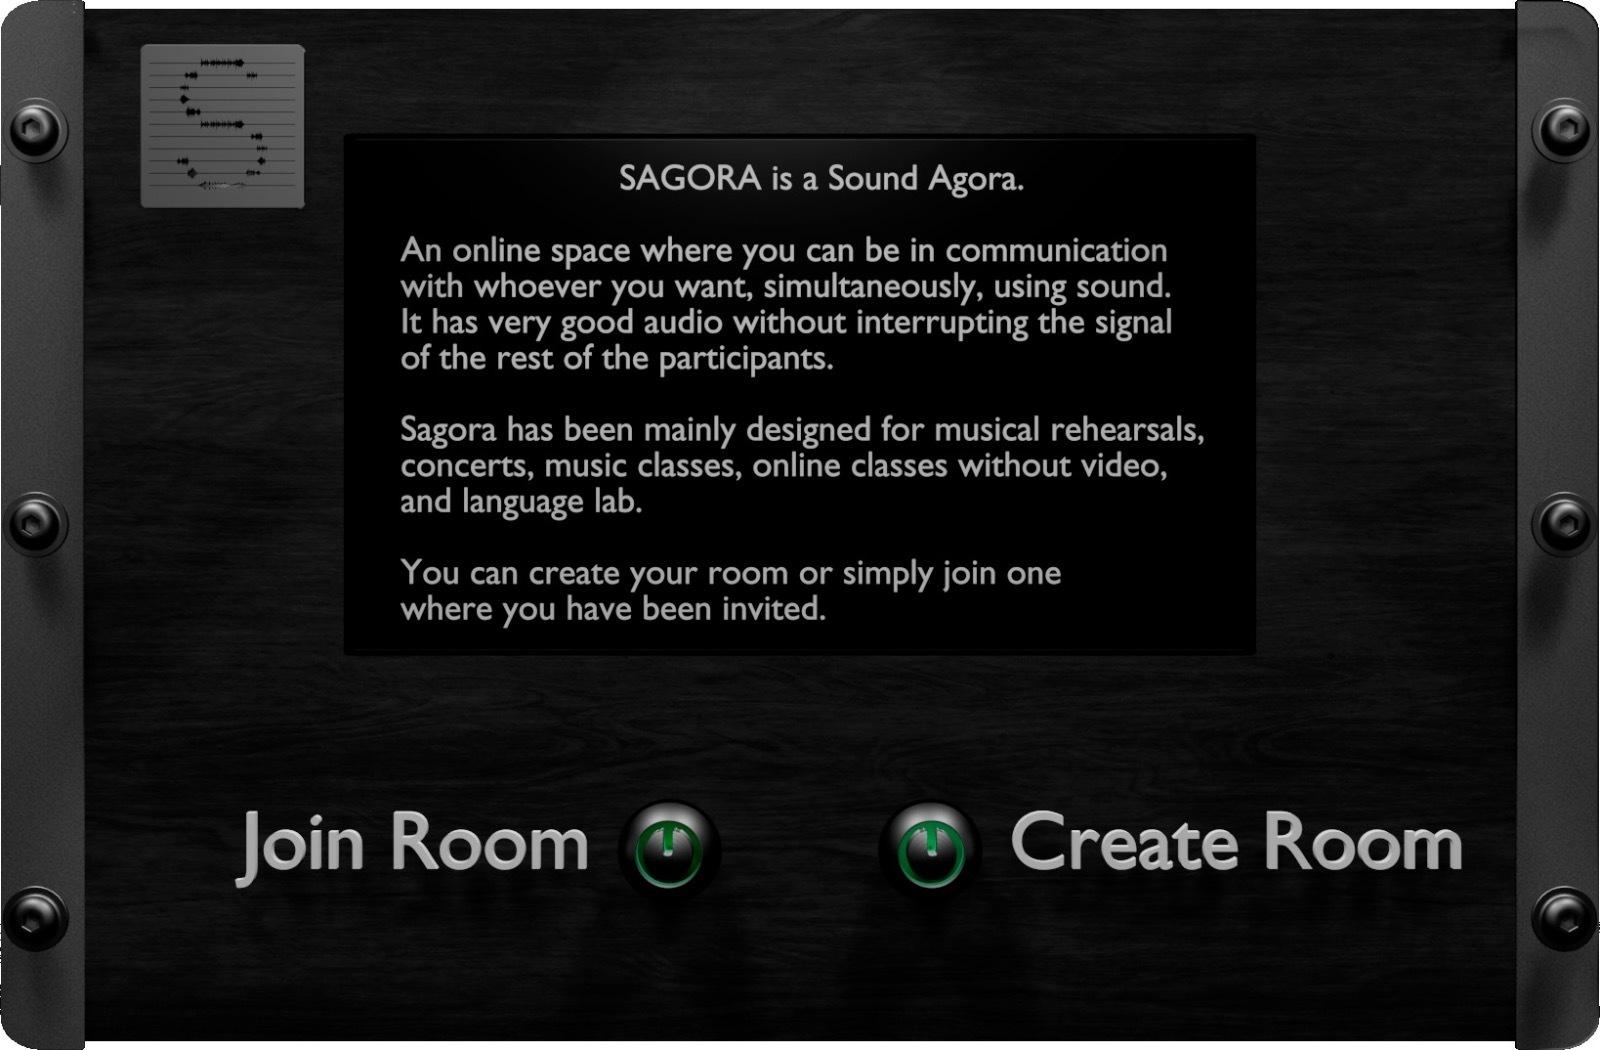 Sagora